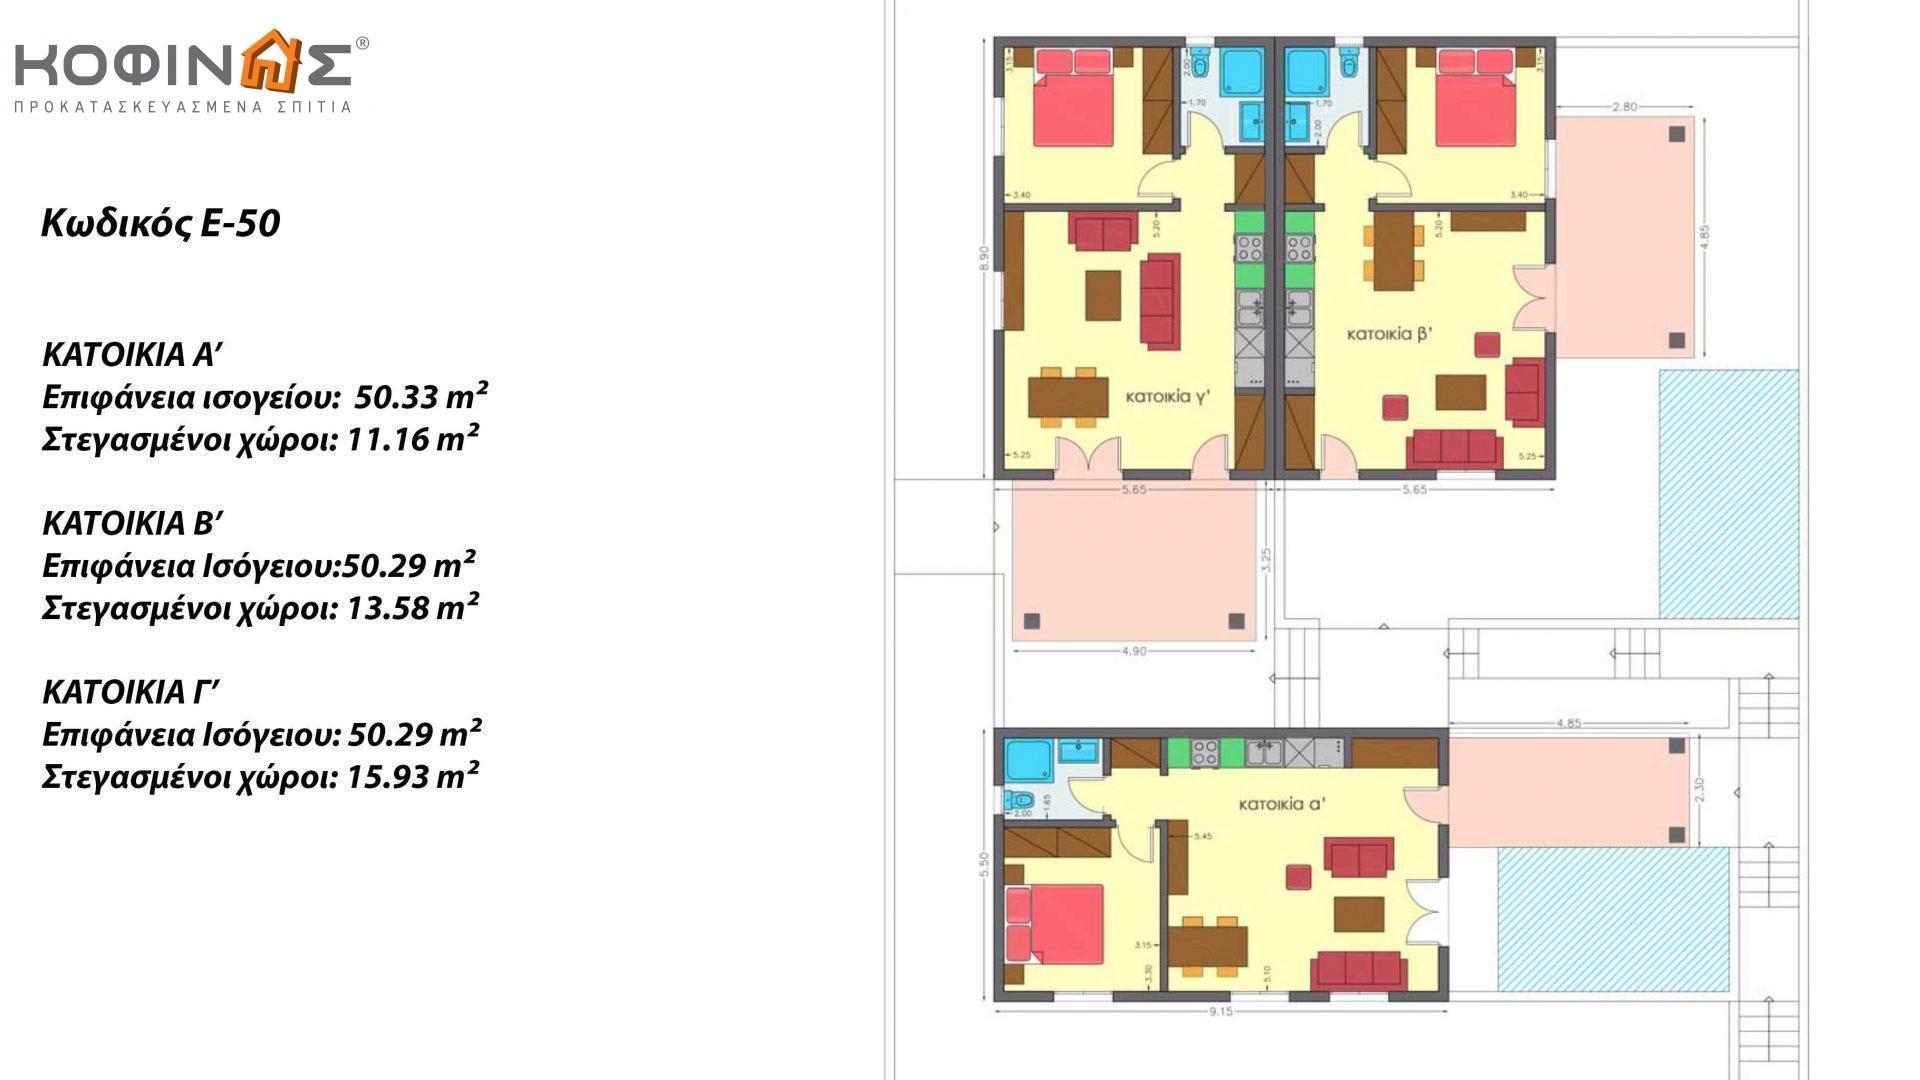 Συγκρότημα Κατοικιών E-50, συνολικής επιφάνειας 3 x 50,30 = 150,90 τ.μ., συνολική επιφάνεια στεγασμένων χώρων 40.67 m²